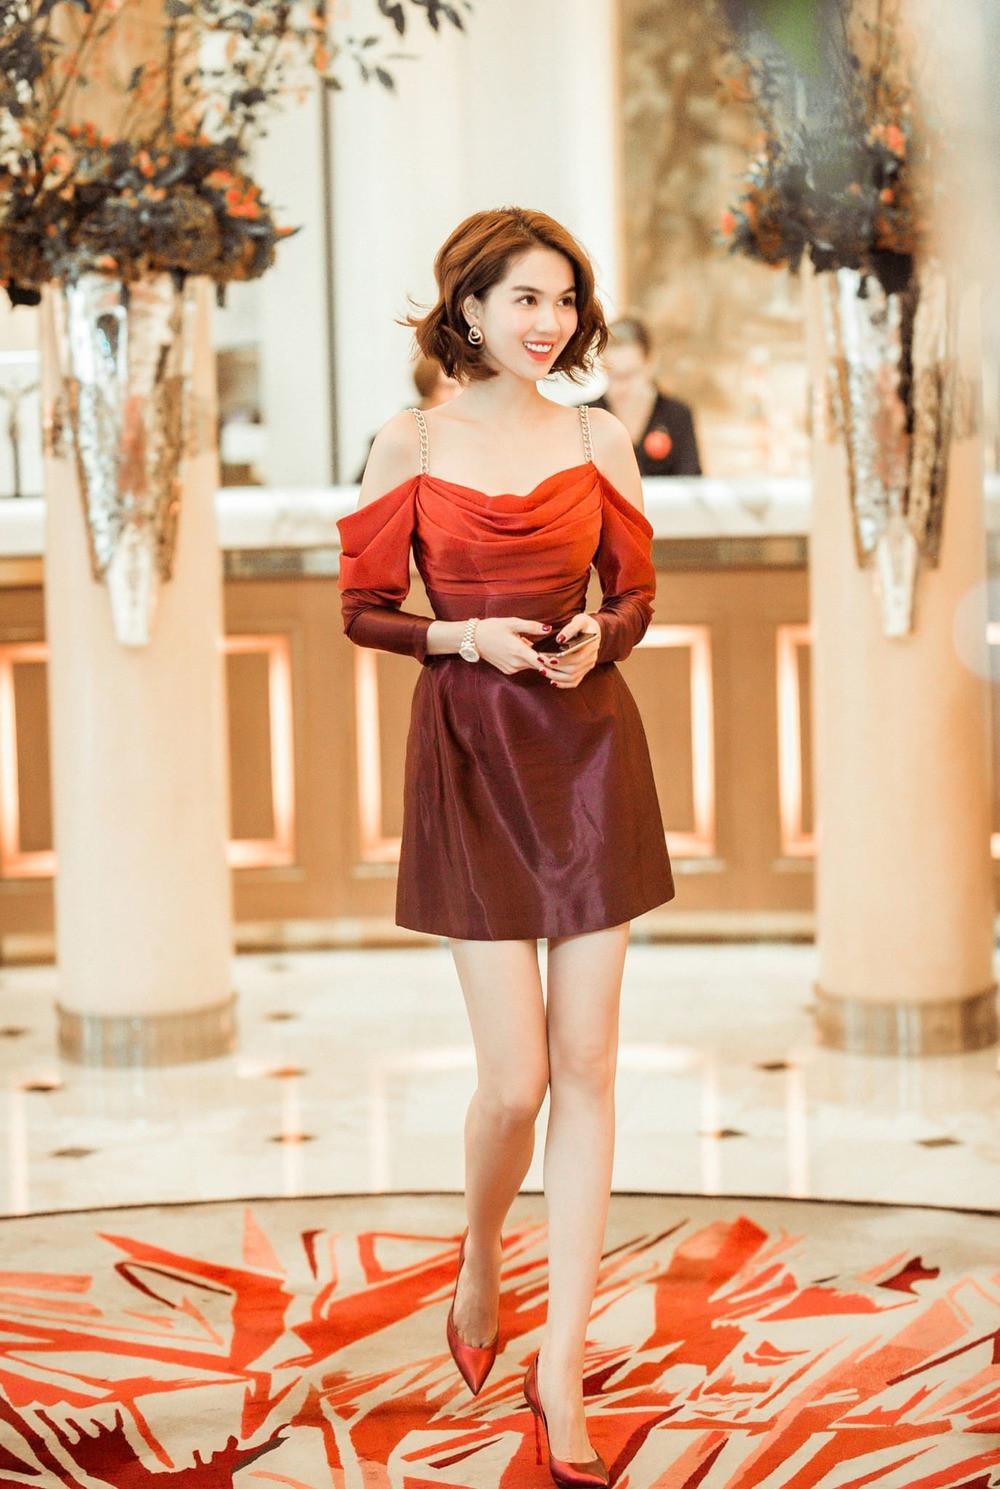 """Nhìn sự cách biệt """"váy hiệu – váy chợ"""" của Ngọc Trinh mới thấy photoshop có tác dụng thần kỳ thế nào - Ảnh 5."""